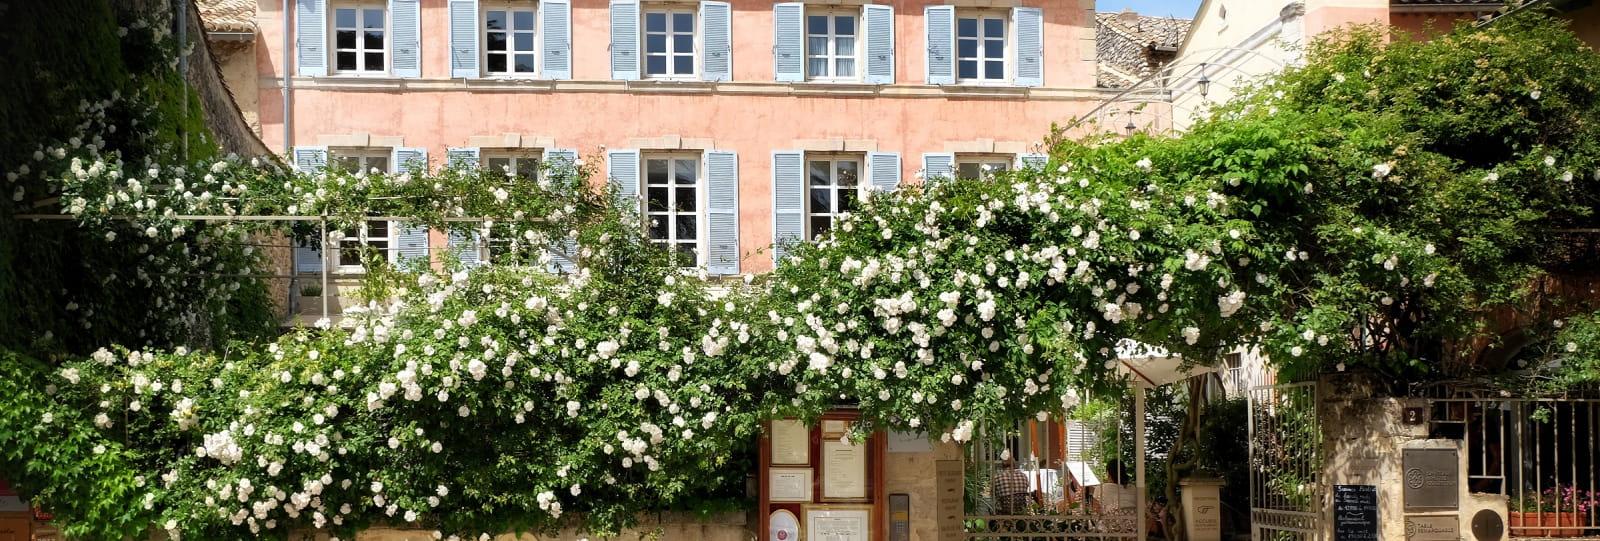 Hôtel et restaurant - Le Clair de la Plume